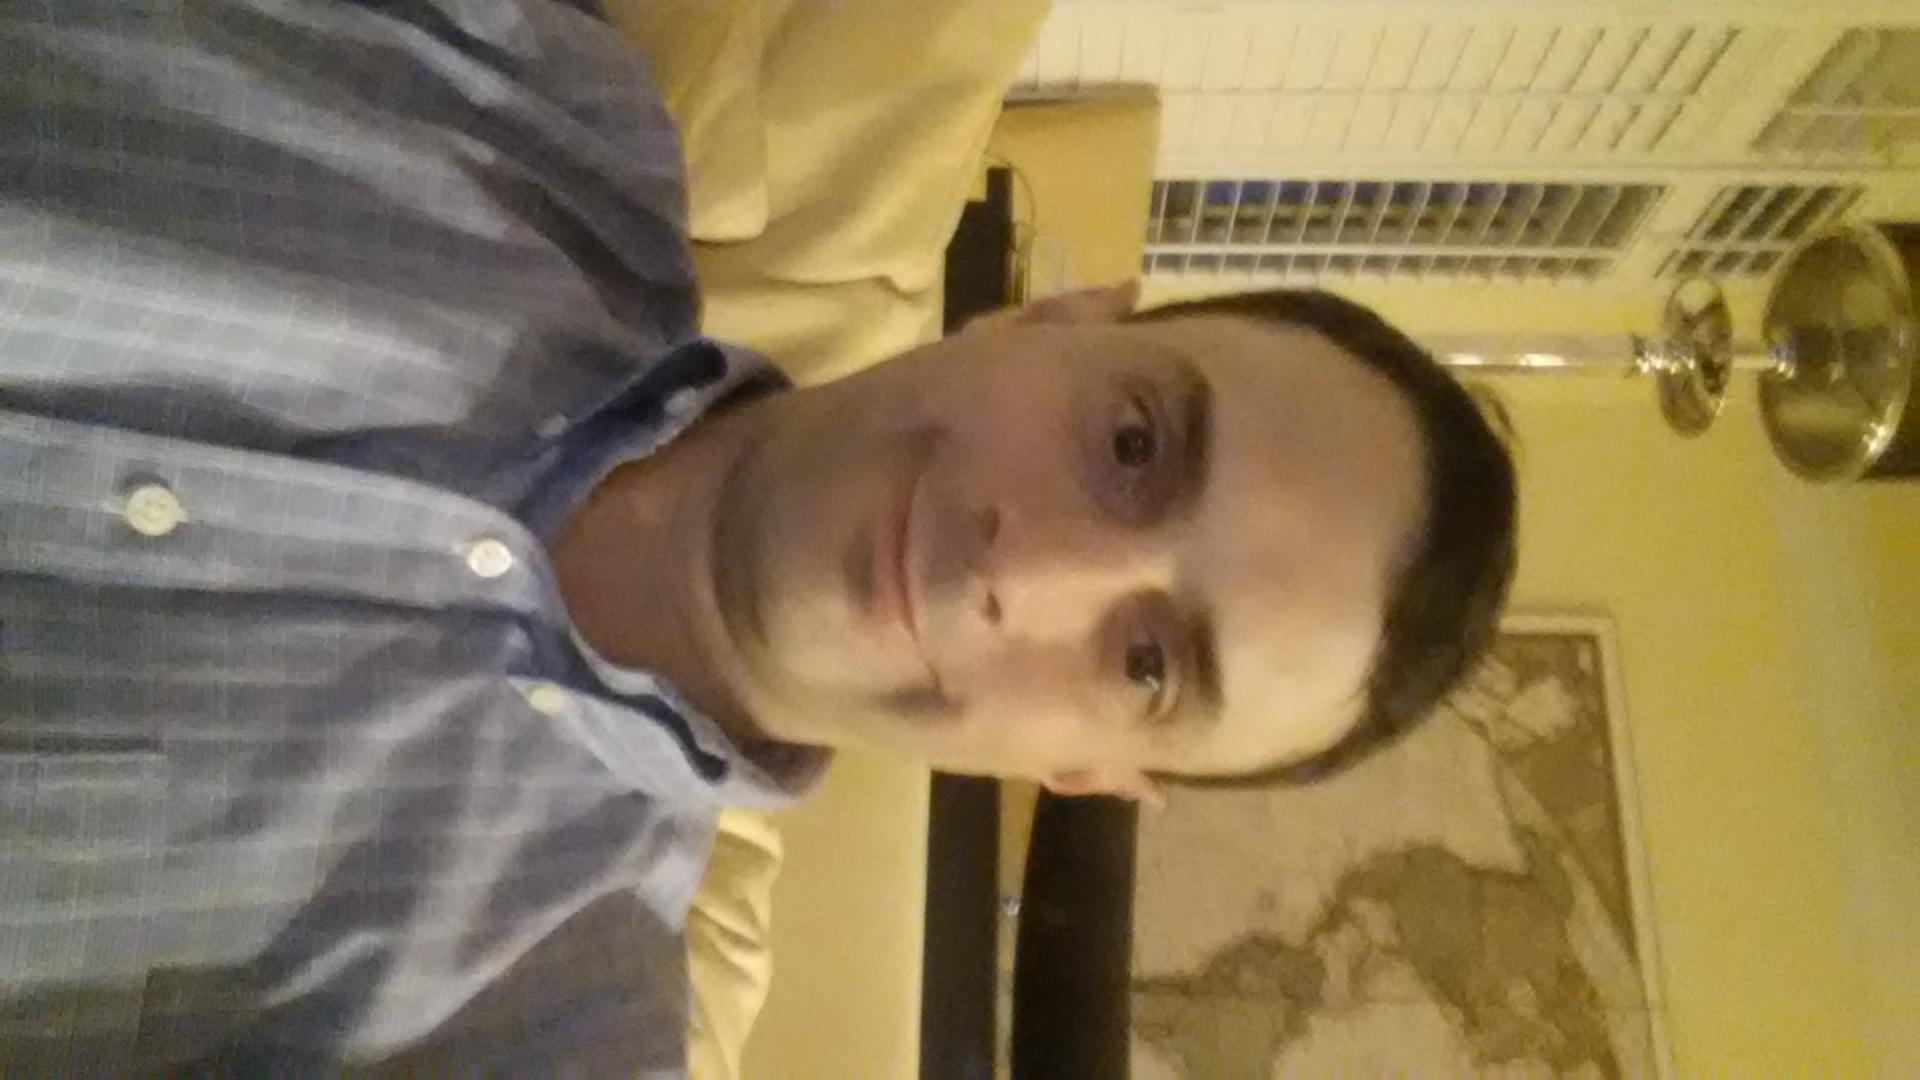 Peter Biebel